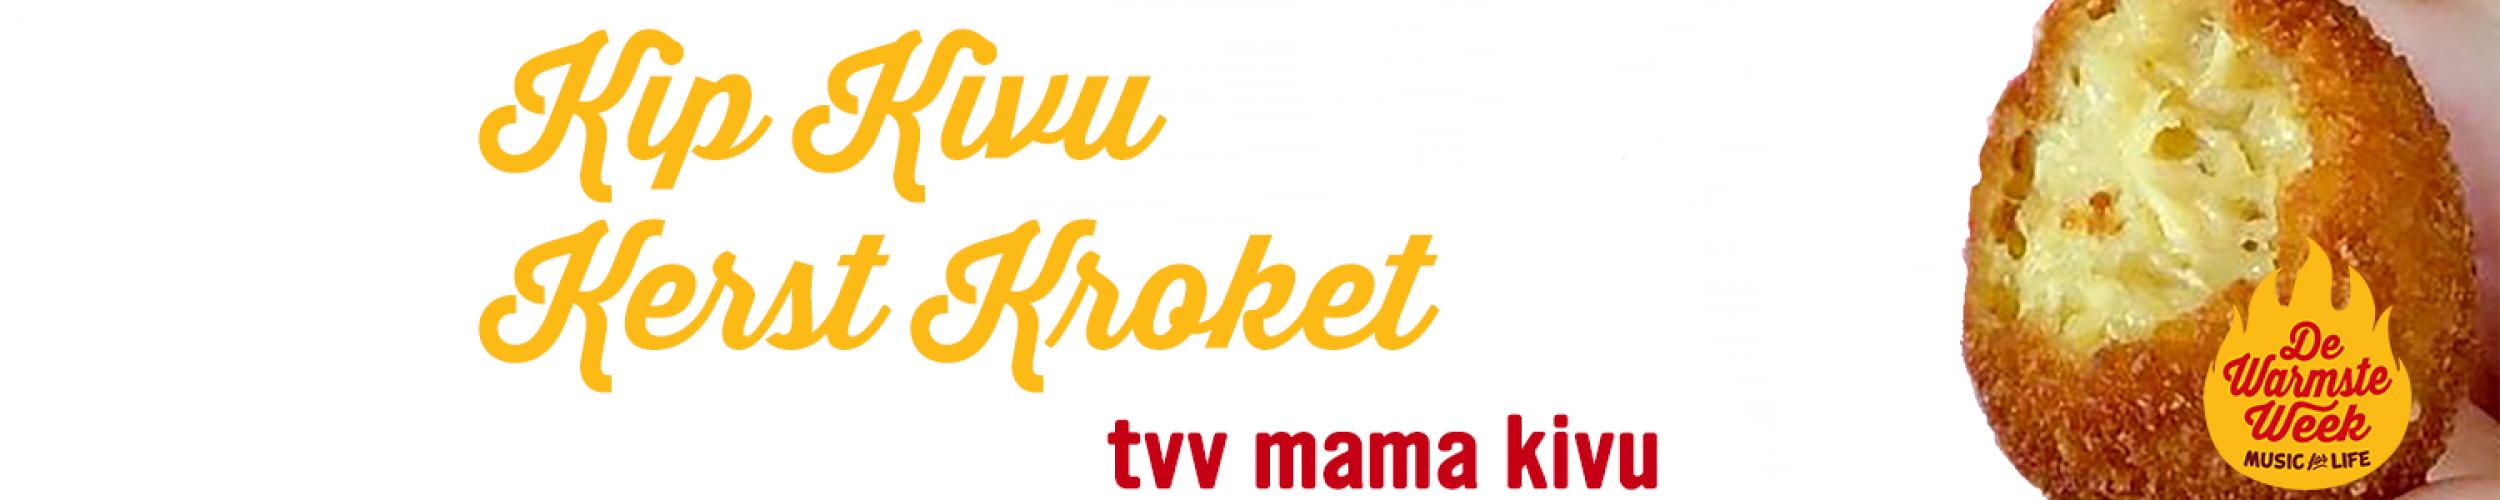 Opnieuw te verkrijgen: Kip-Kivu-Kerst-Kroketjes